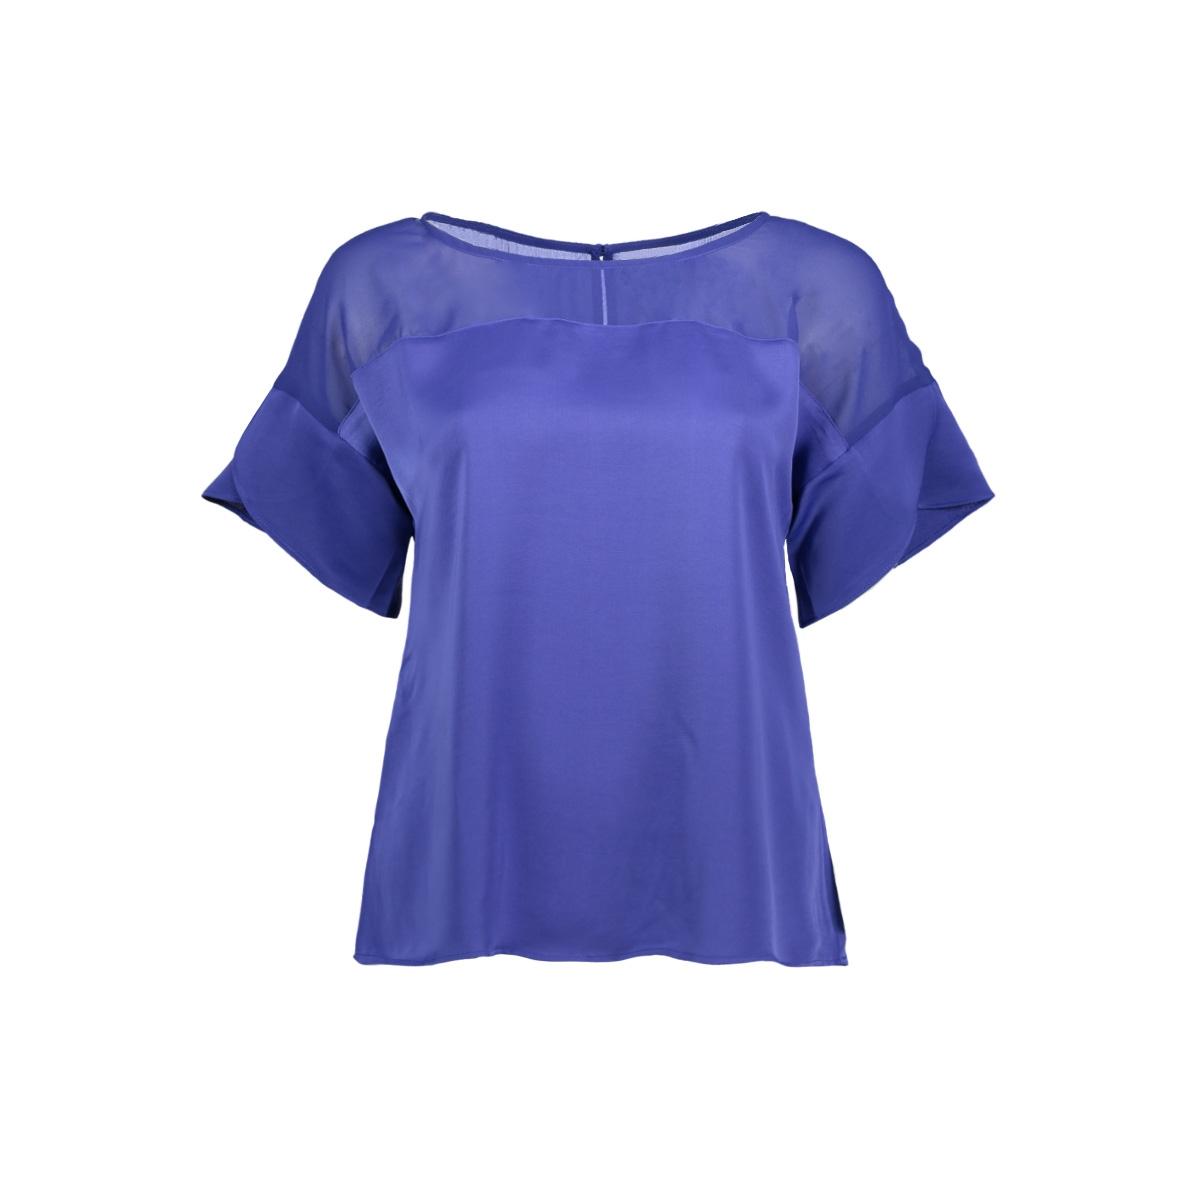 vicause s/s flounce top 14048667 vila t-shirt clematis blue